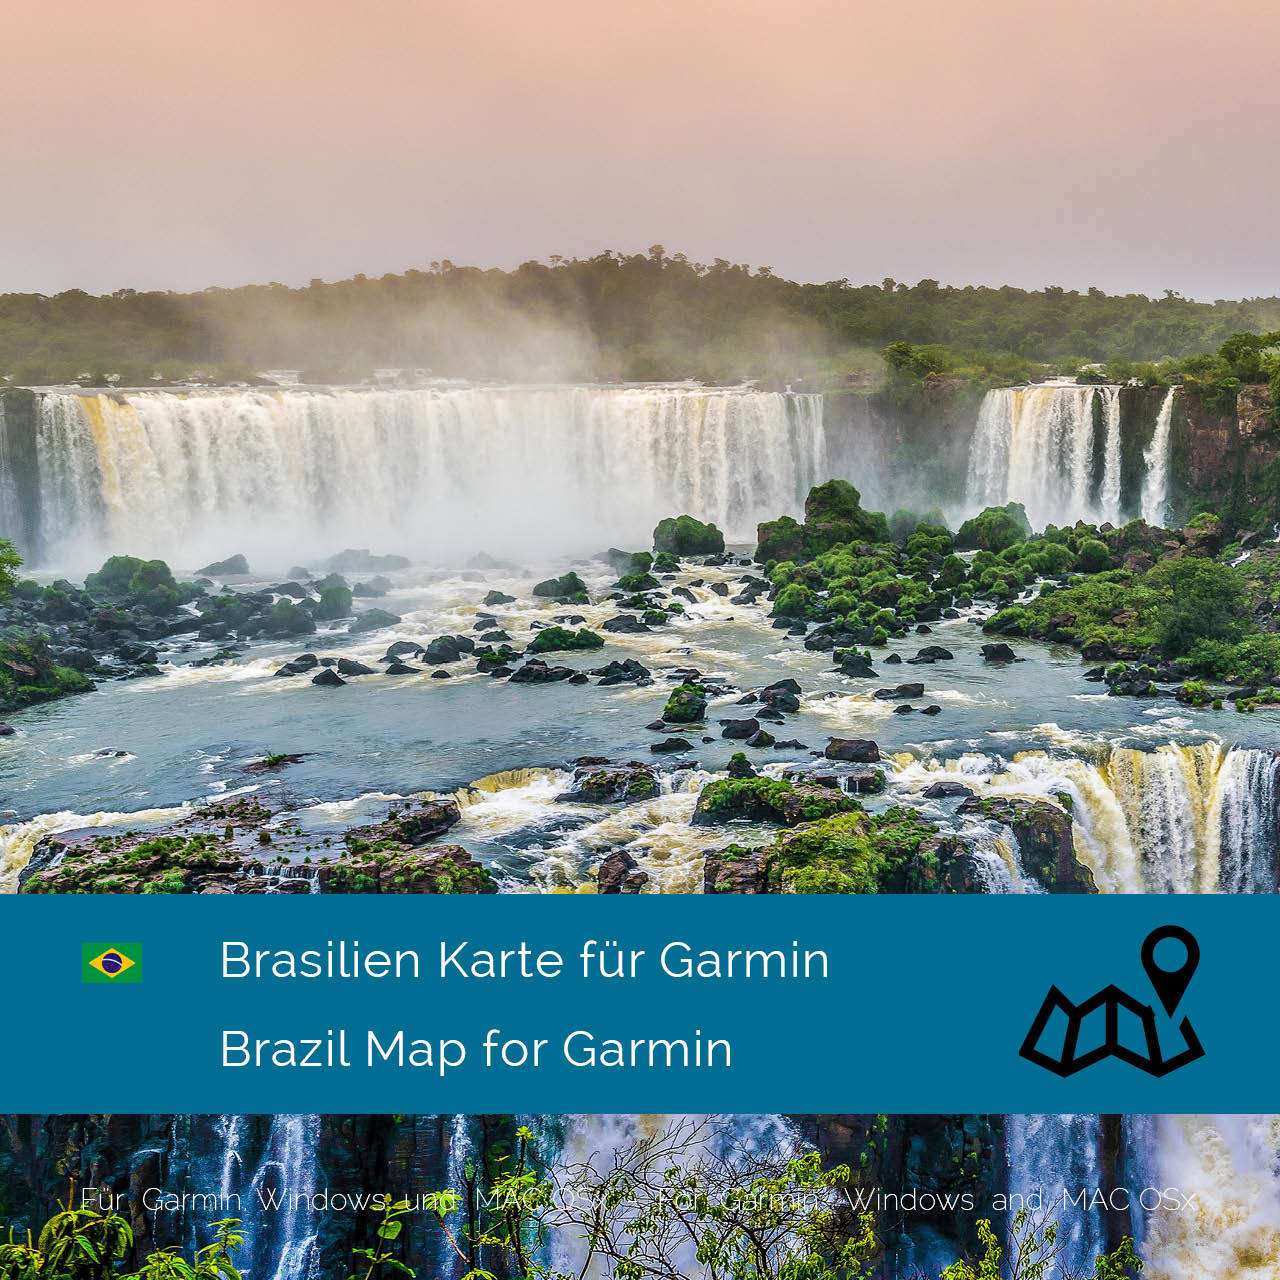 garmin brasilien karte Brasilien Karte für Garmin jetzt online im Shop als Download kaufen!